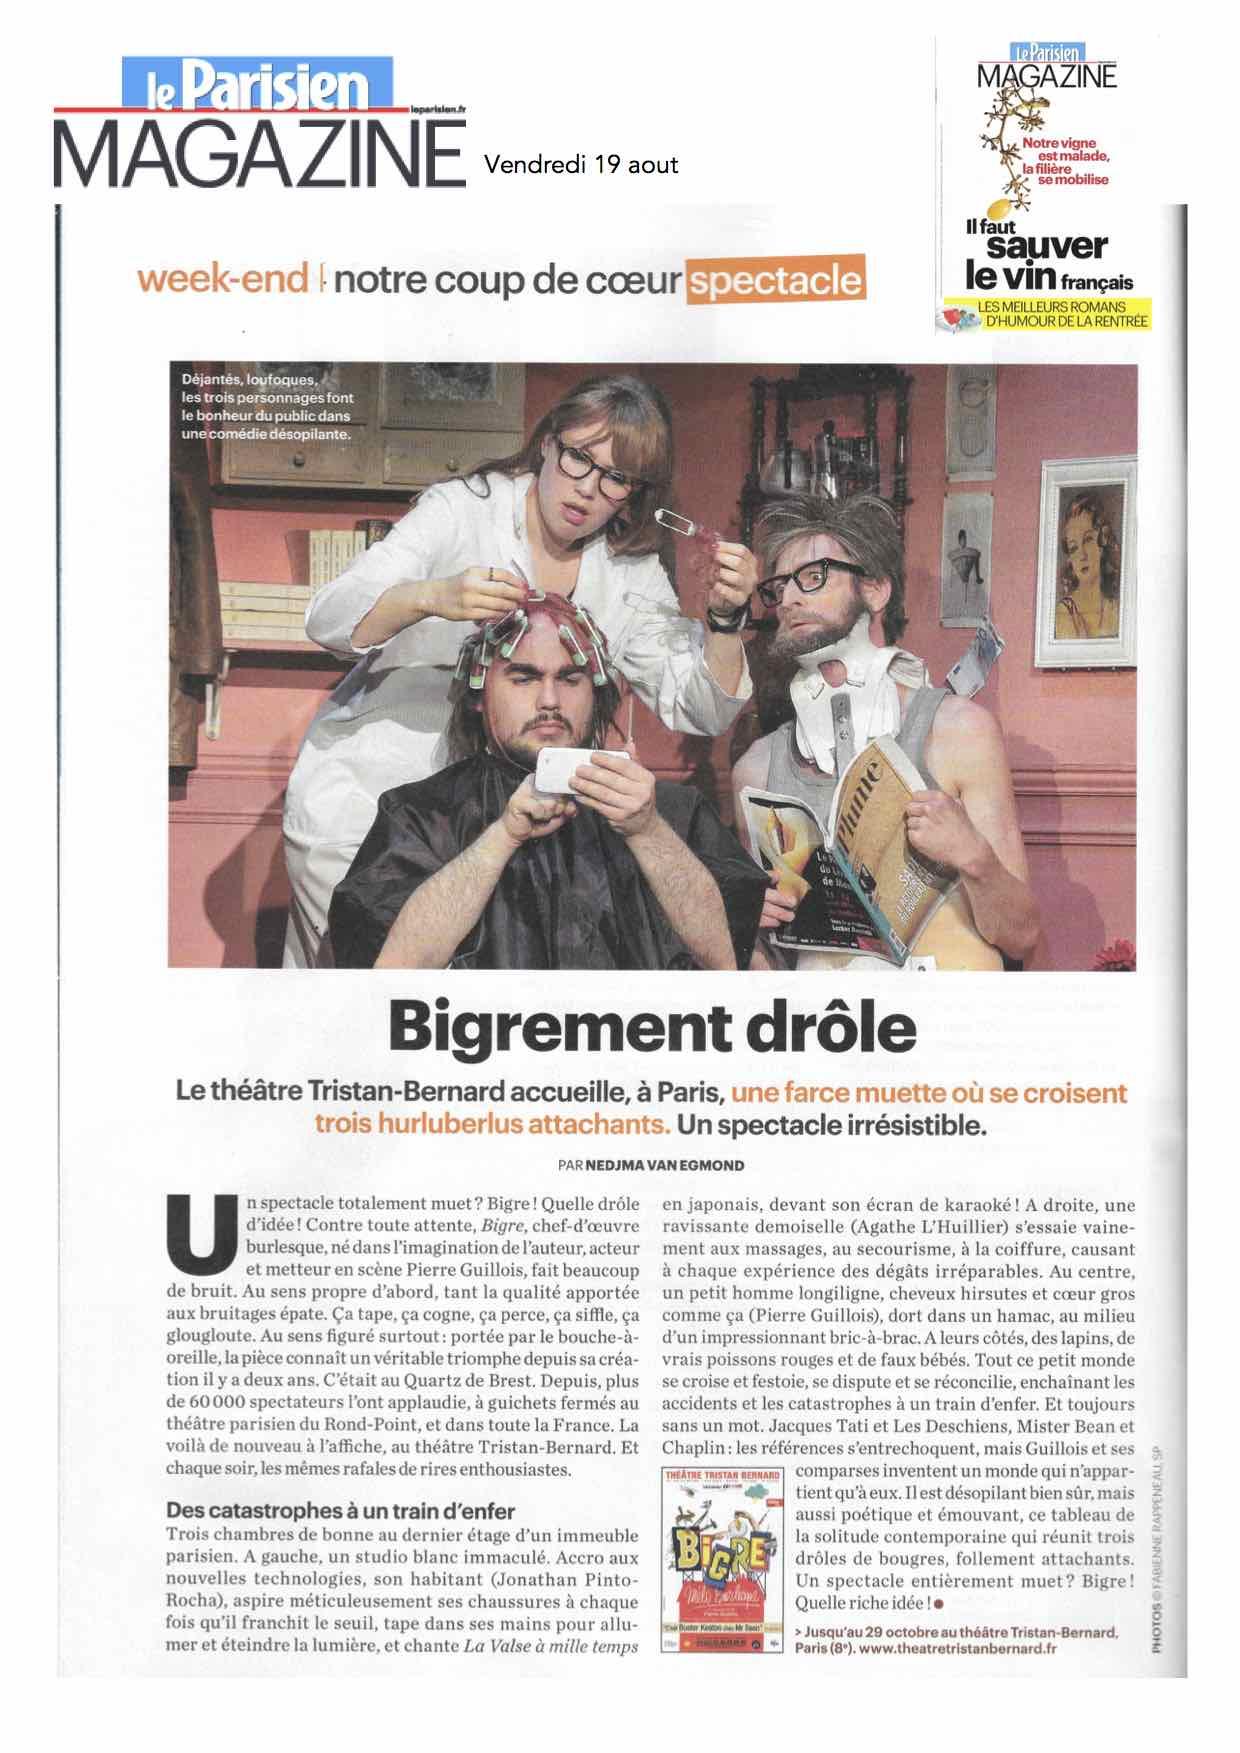 Le Parisien Magazine 19.08.16